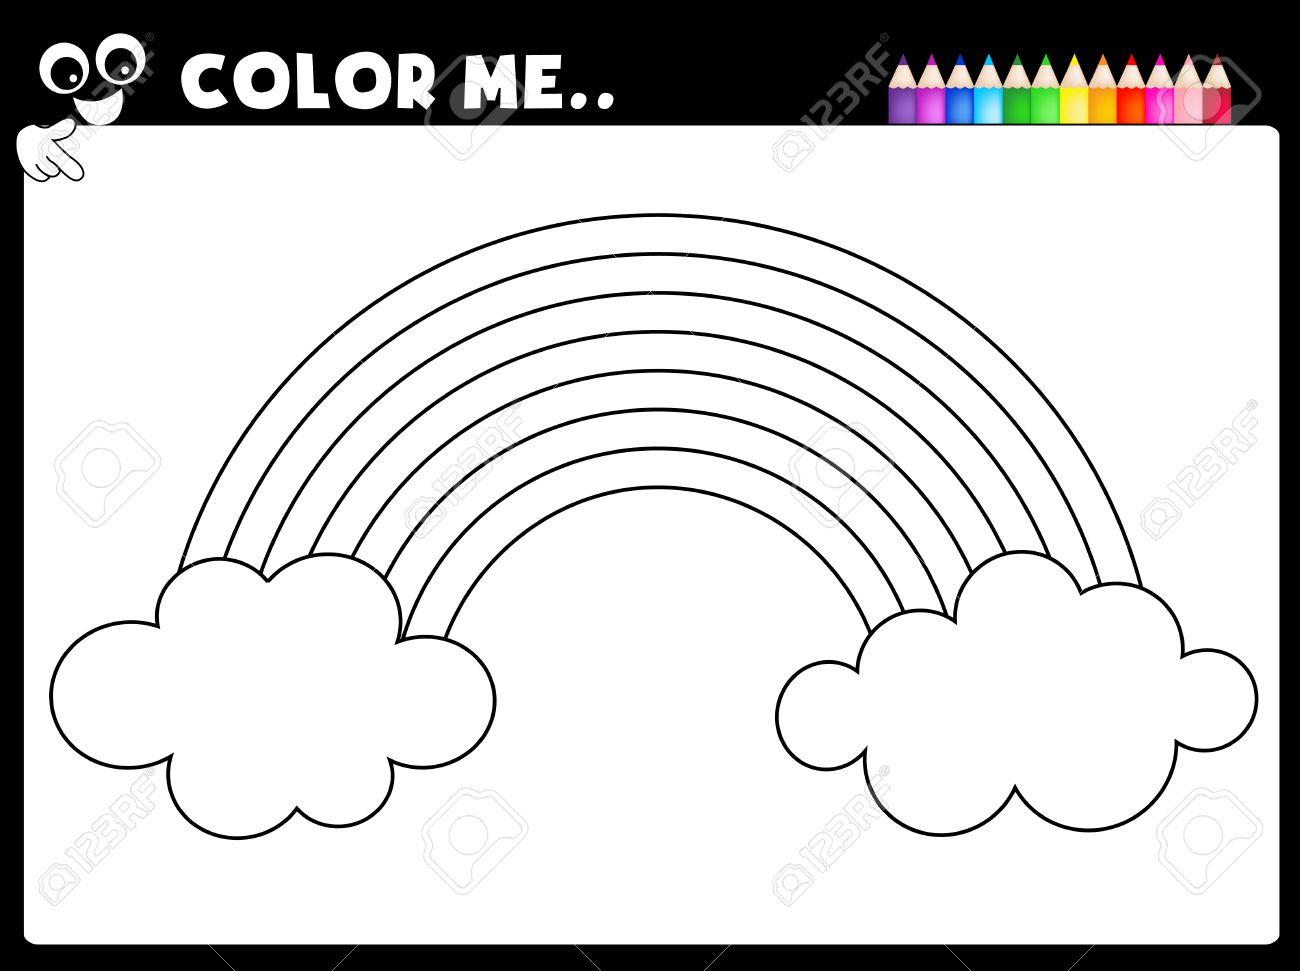 Worksheet - Coloring Page Rainbow Worksheet For Preschool Kids ...